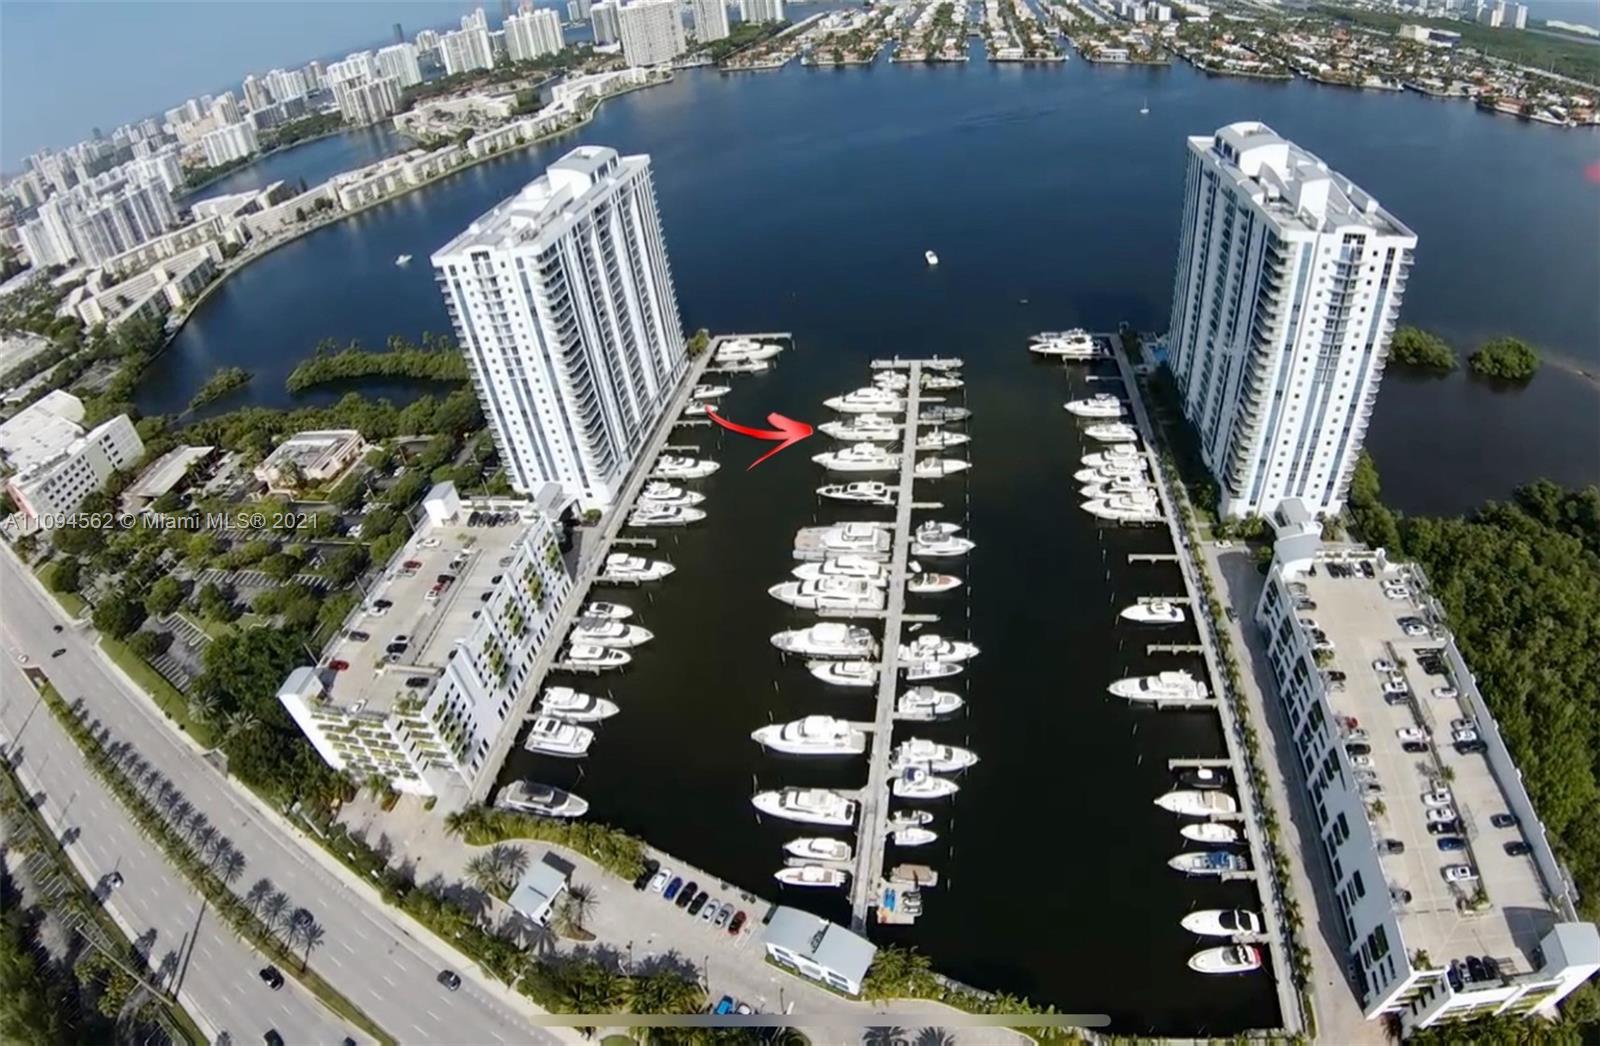 17101 Biscayne Blvd Slip 079, North Miami Beach, Florida 33160